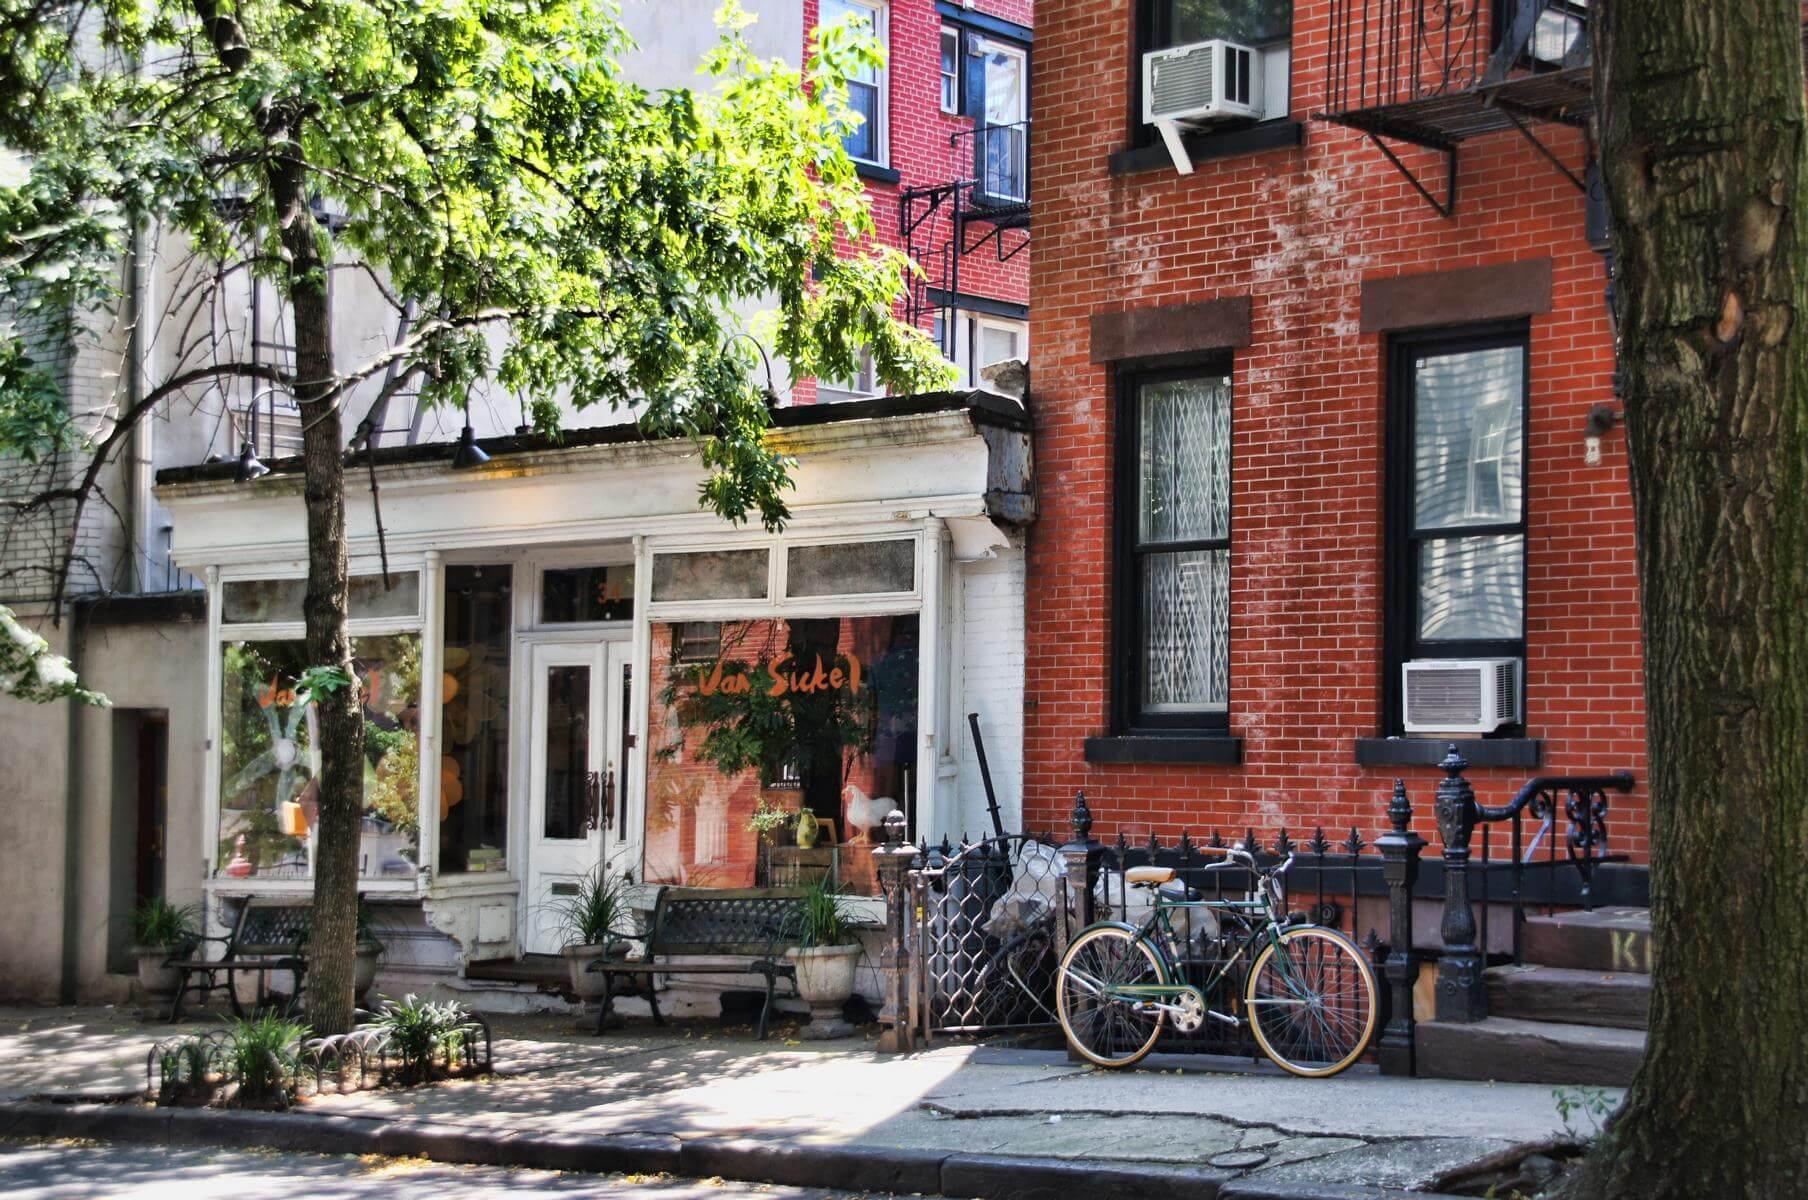 Café in Brooklyn